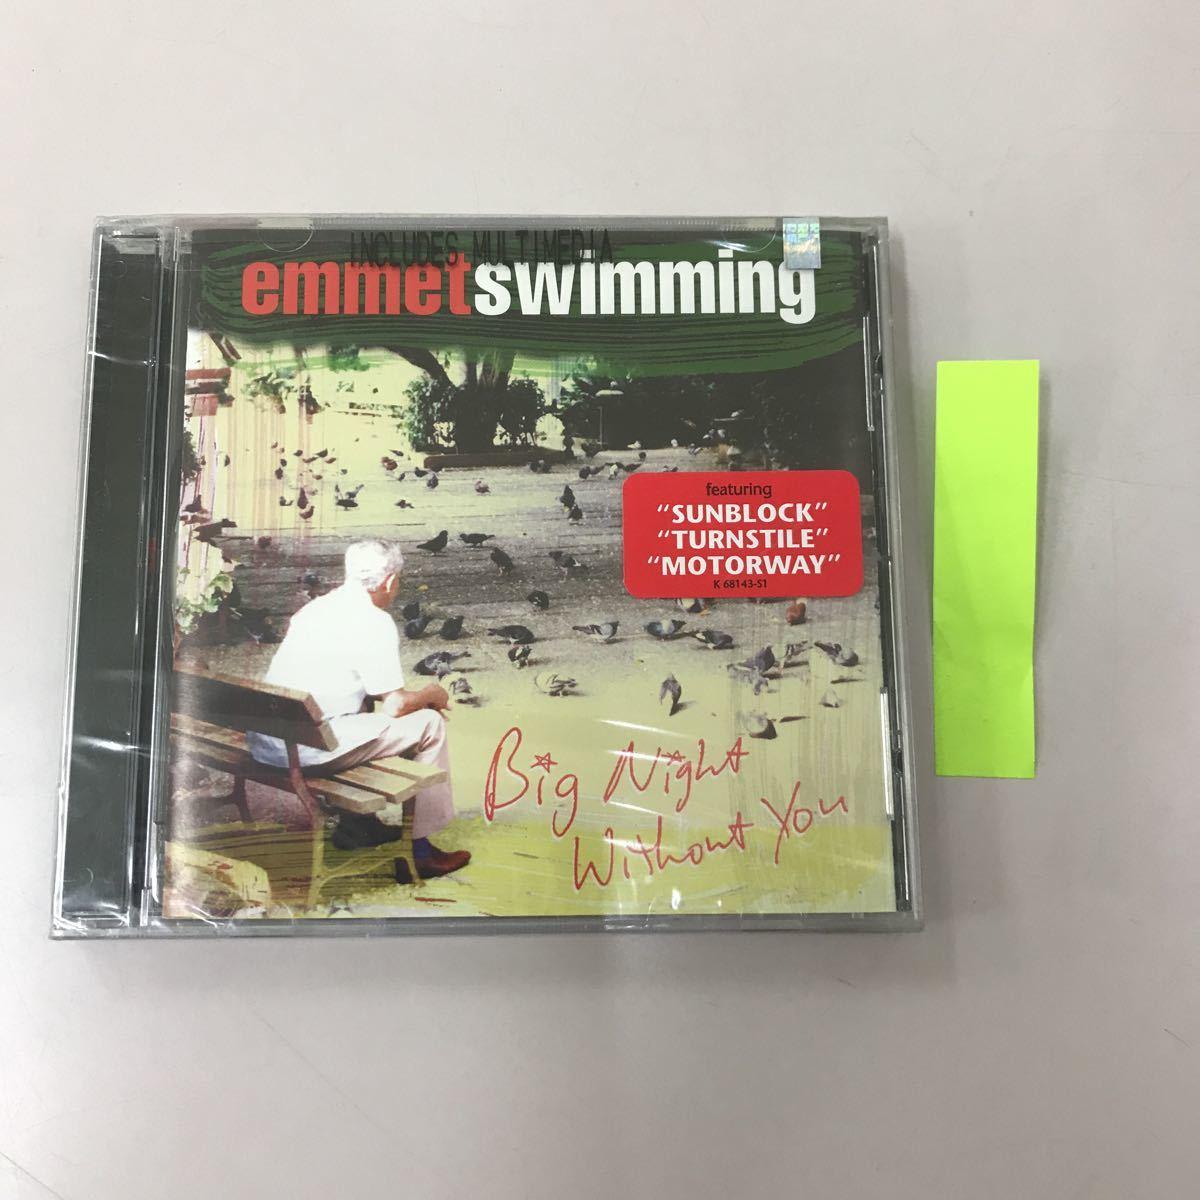 CD 輸入盤未開封【洋楽】長期保存品 EMMET SWIMMING